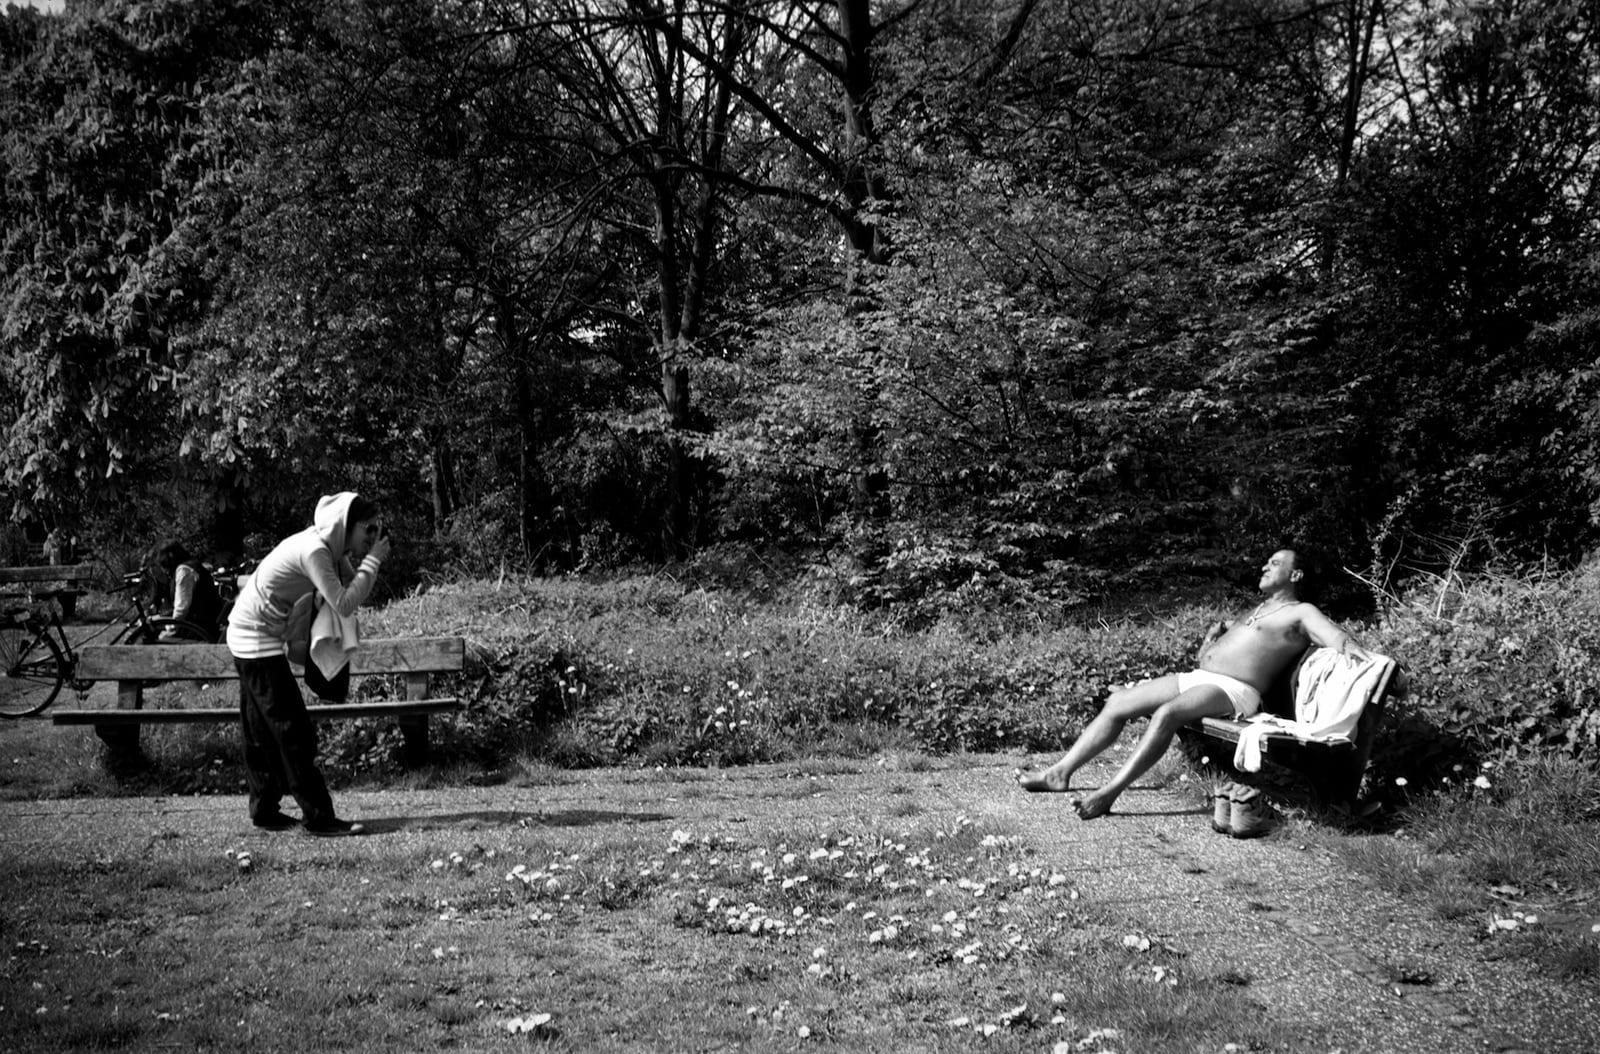 Maya Rochat_Es stinkt der Mensch, solang er lebt park © Maya Rochat